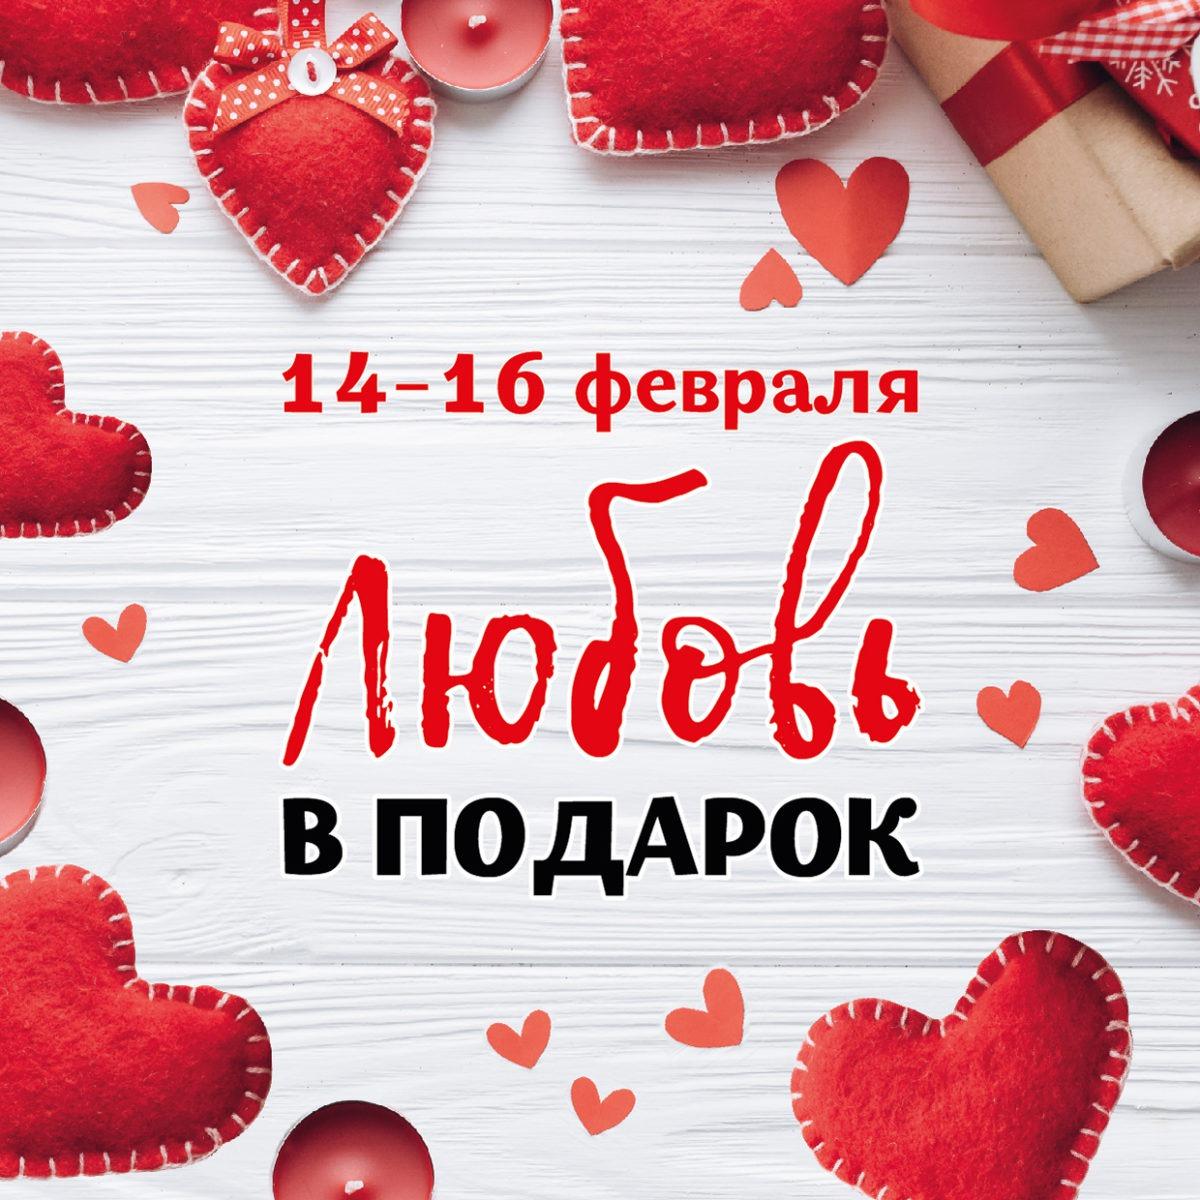 Отмечайте день всех влюбленных вместе с нами.